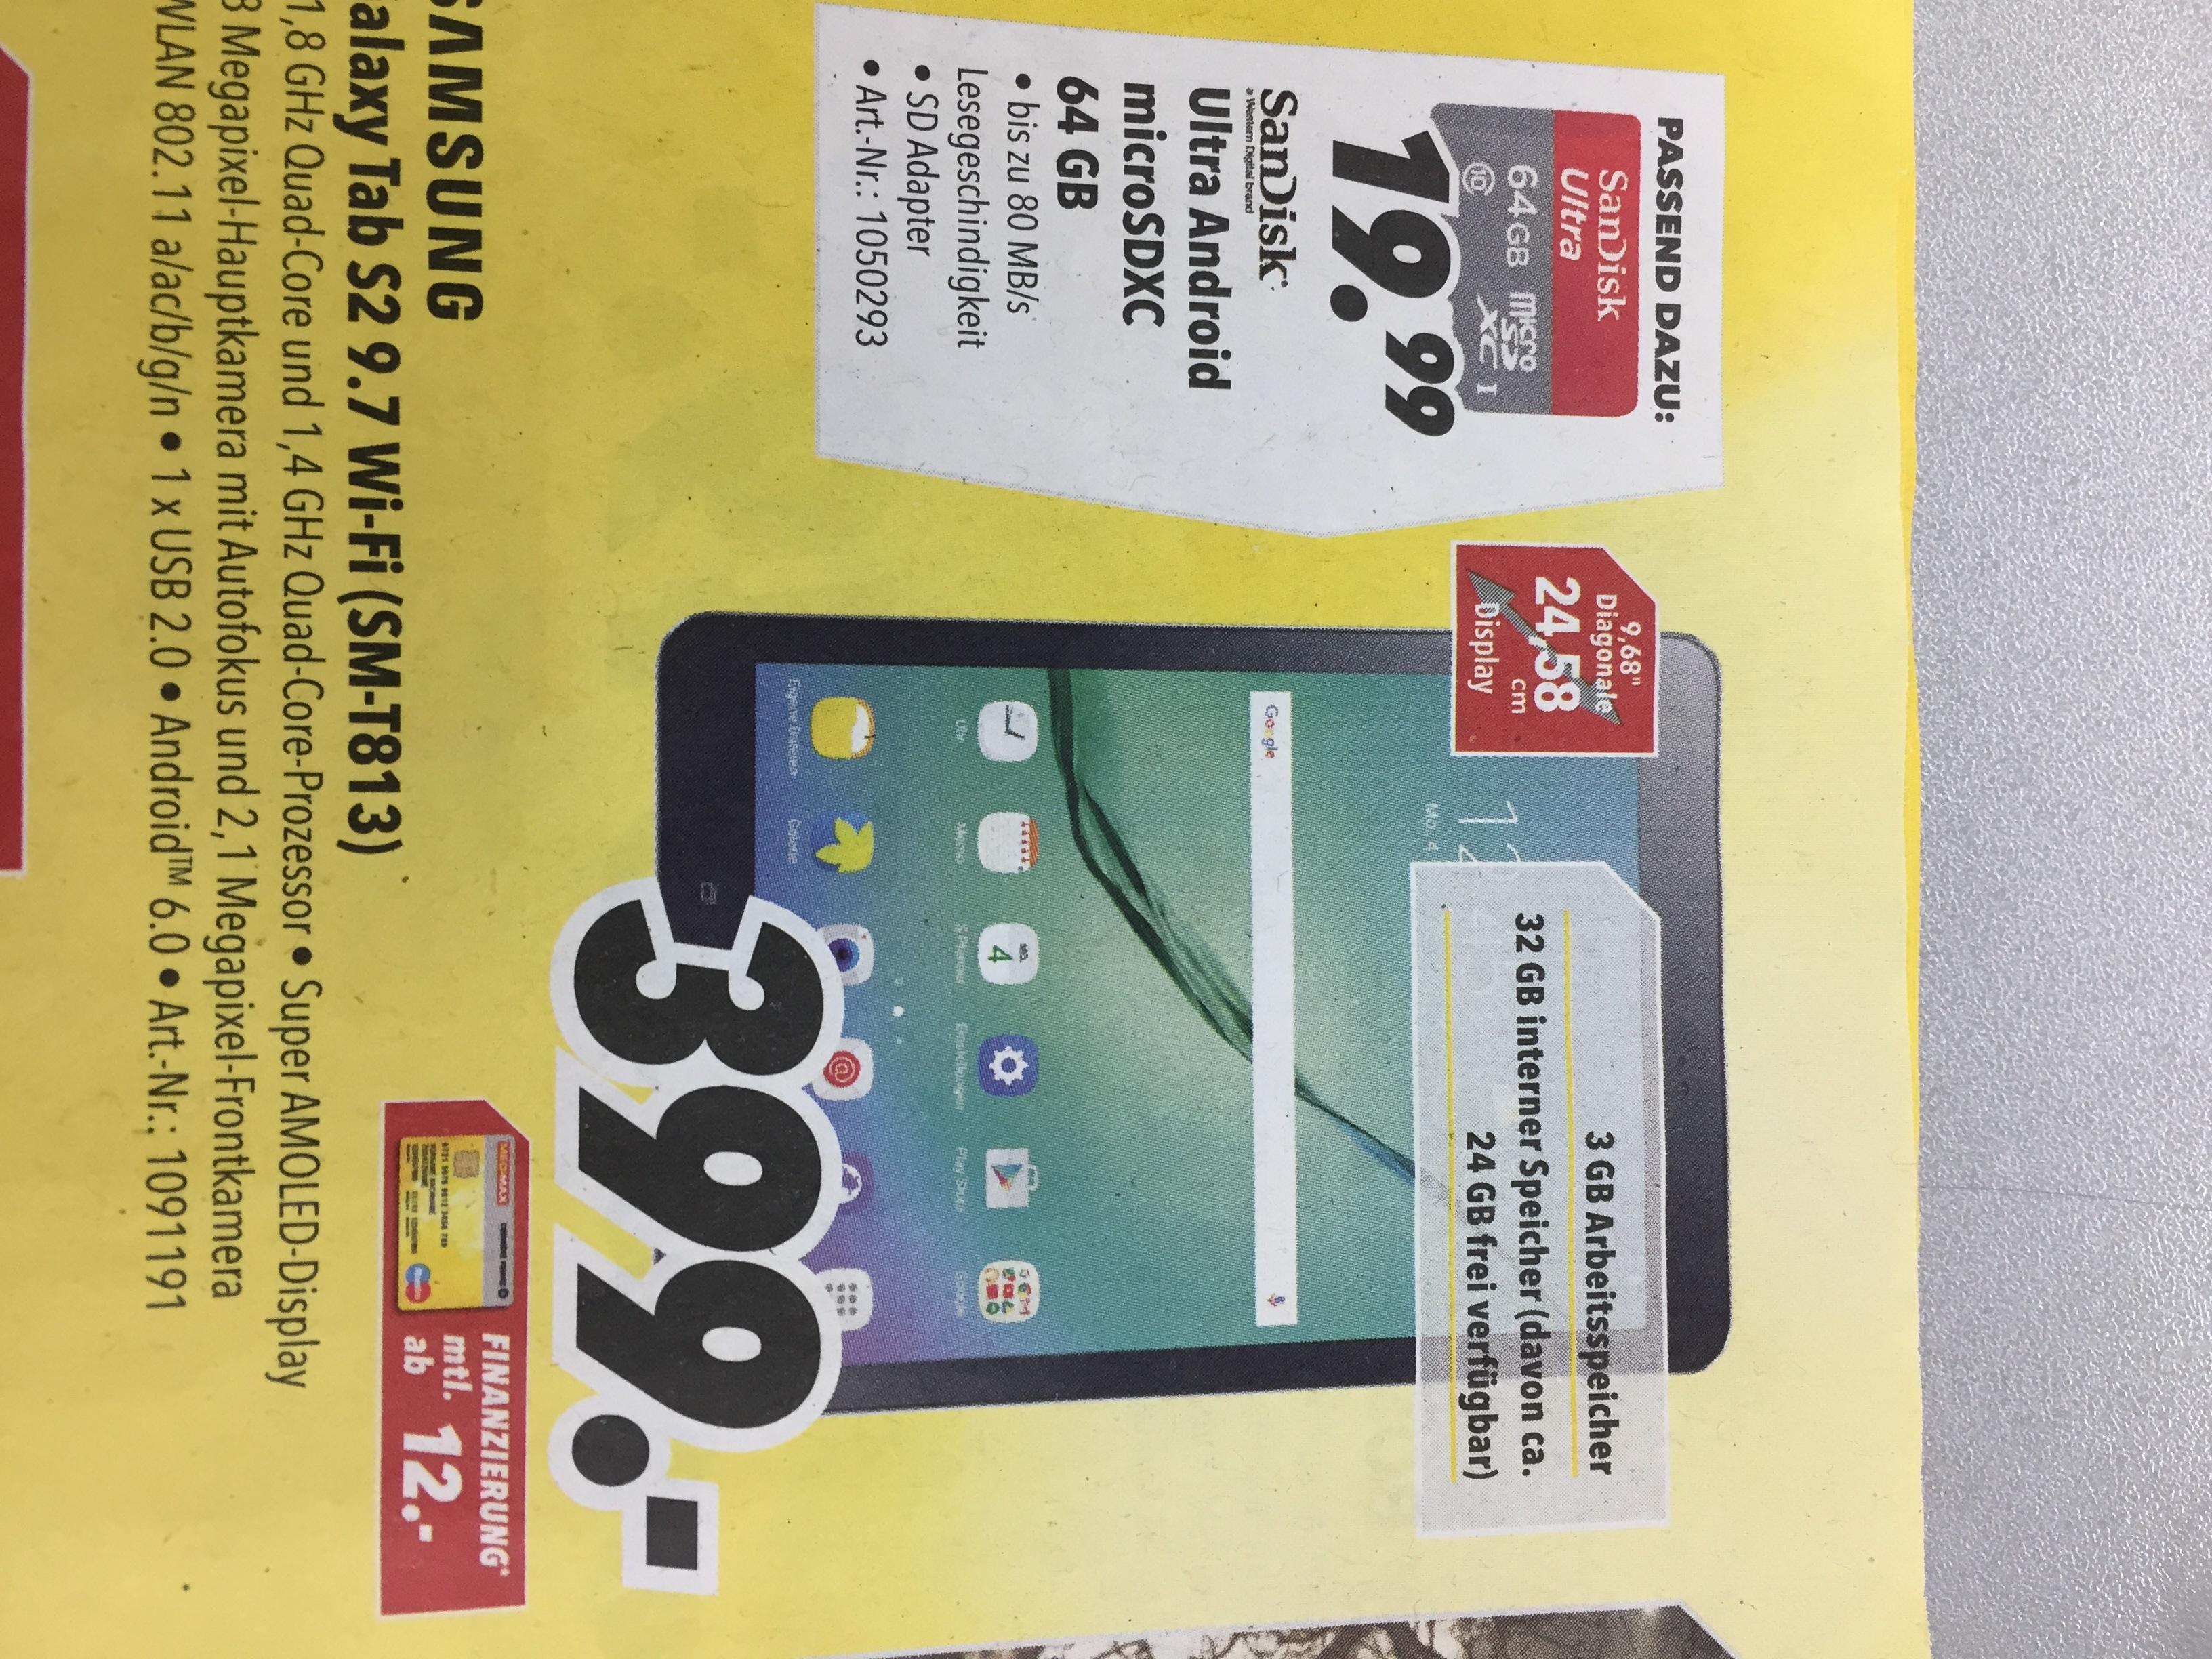 [MEDIMAX Beilage] Samsung Galaxy Tab S2 (SM-T813) für 399,-